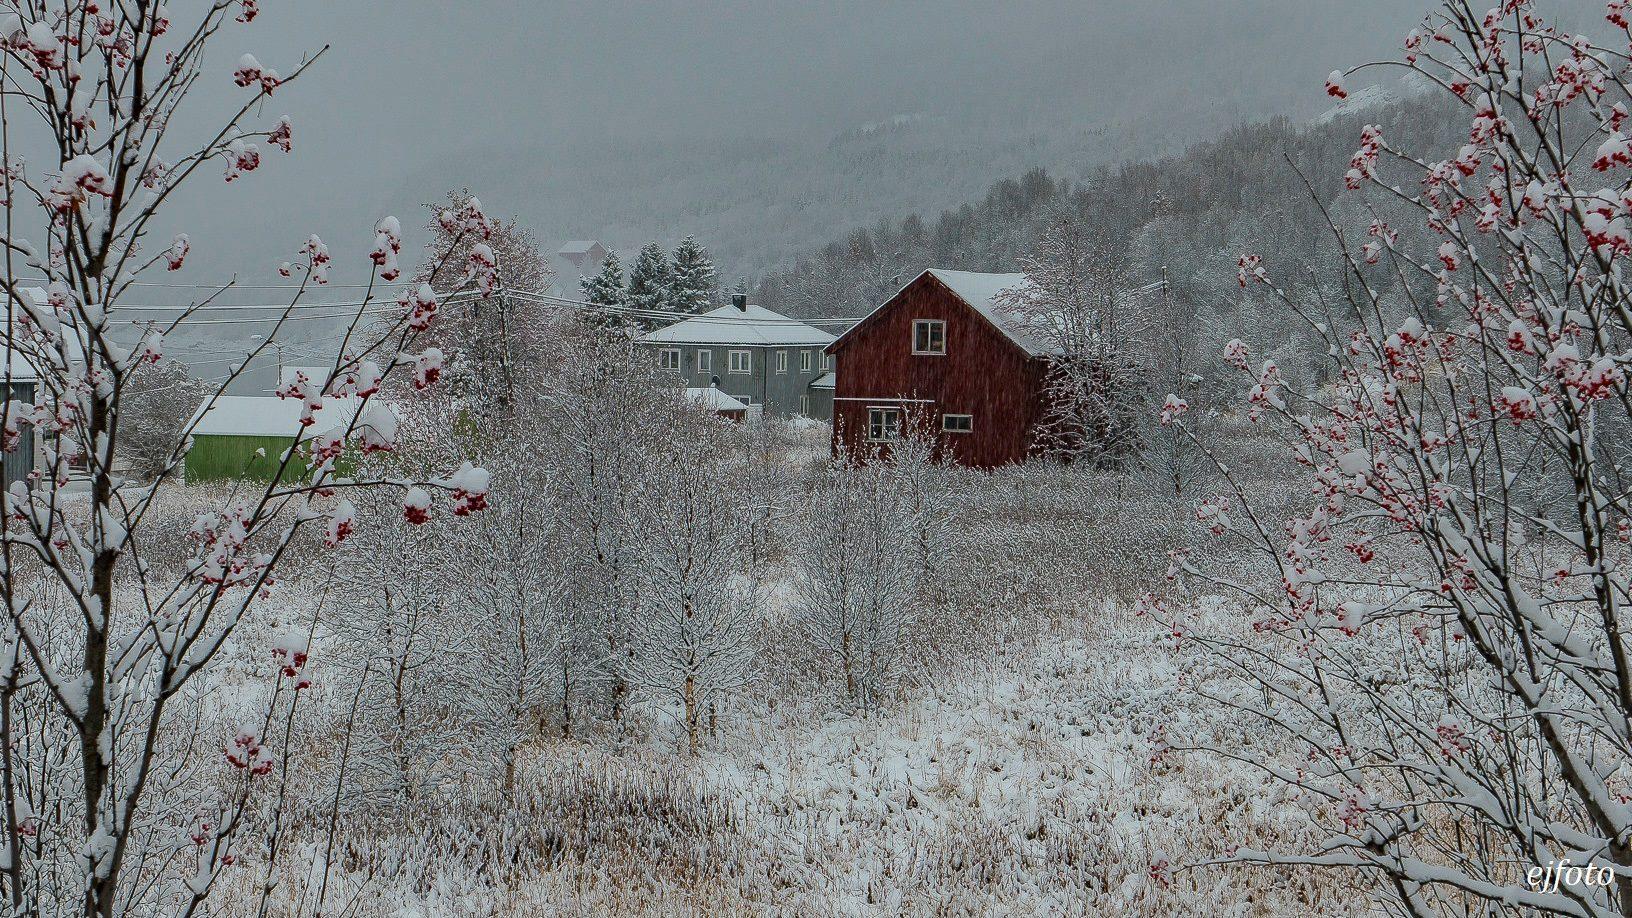 Une partie de la Norvège a revêtu son manteau neigeux ce week-end